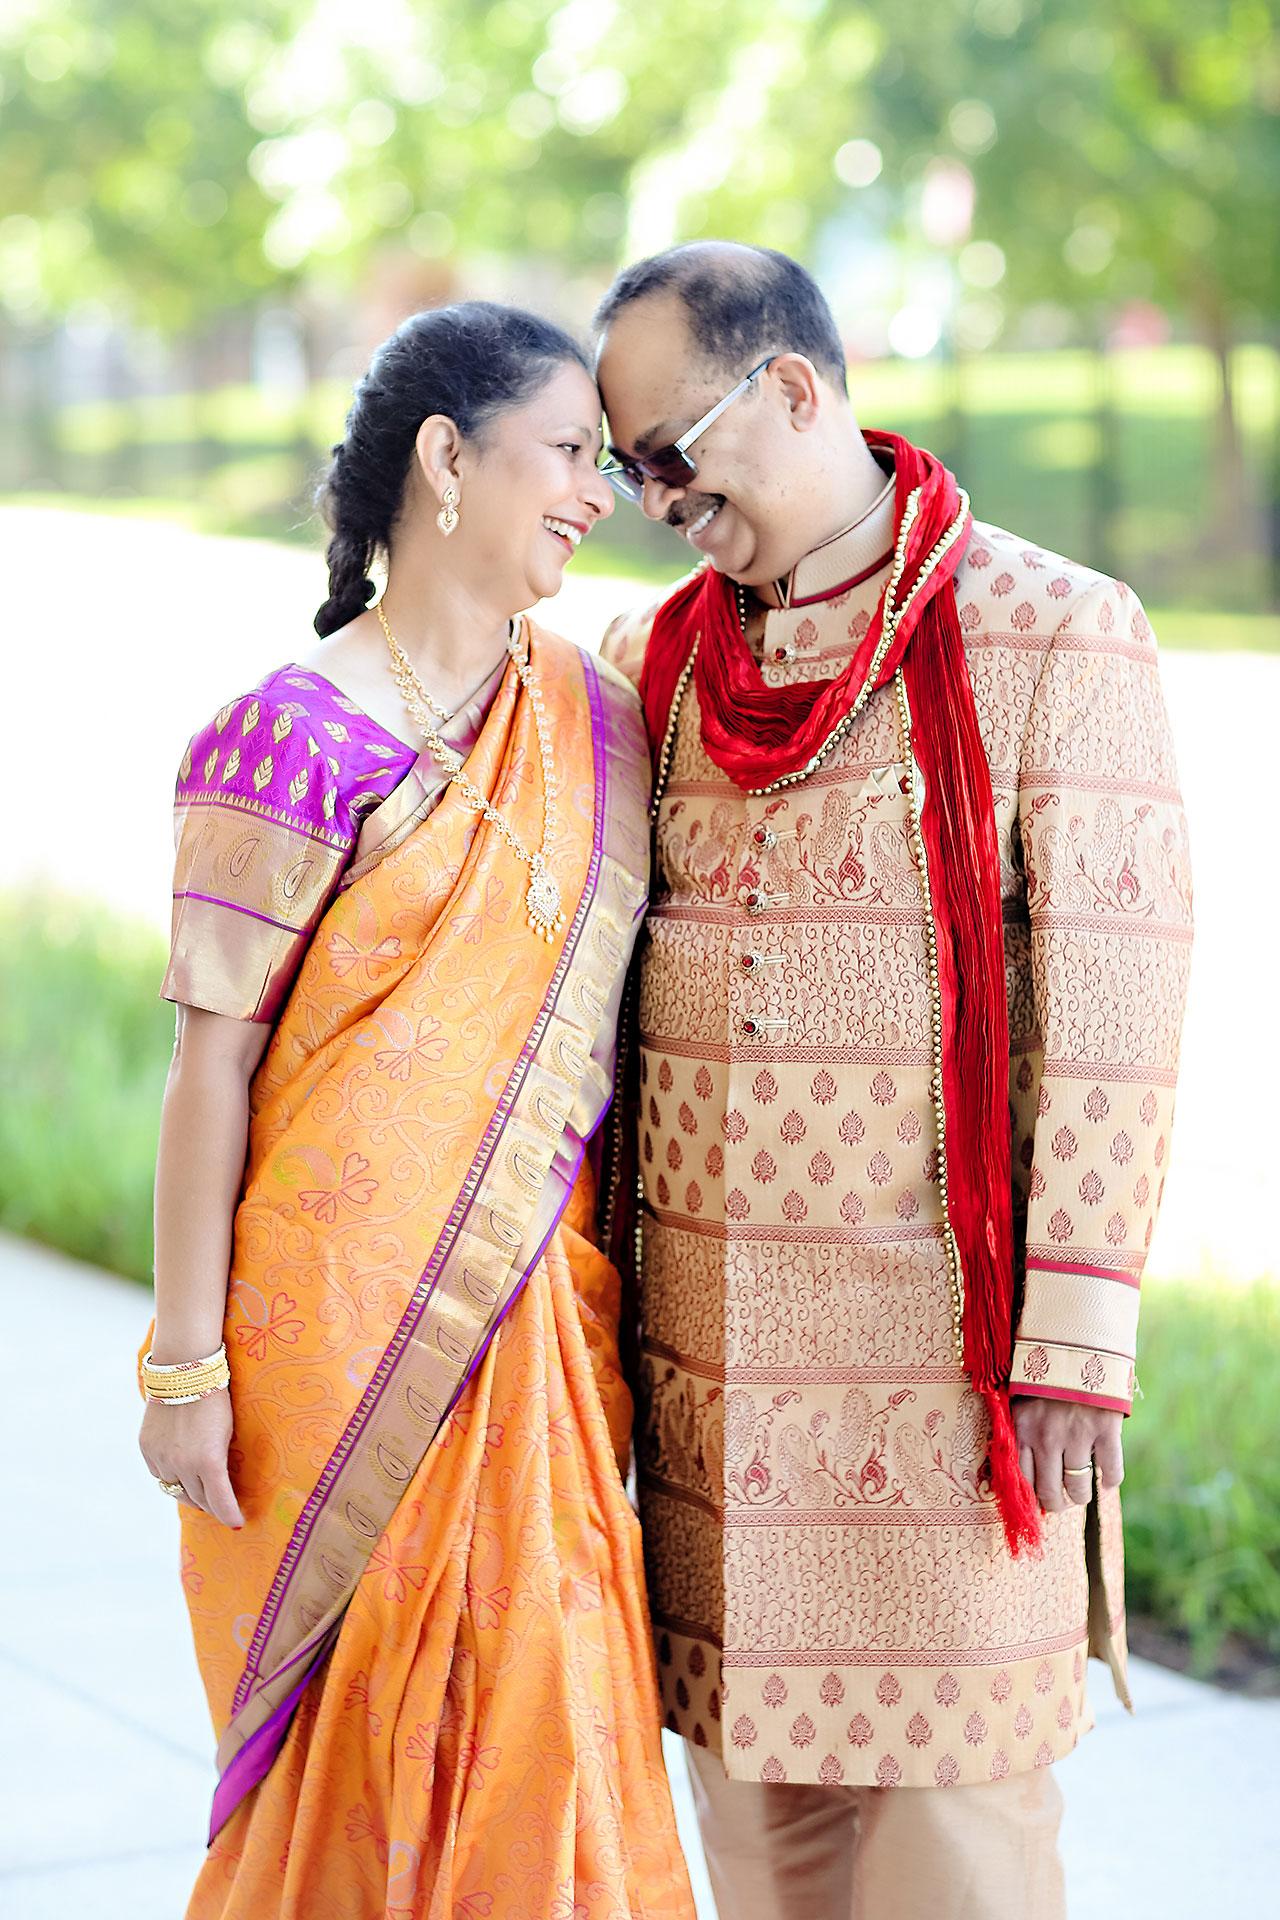 Joie Nikhil JW Marriott Indian Wedding 082